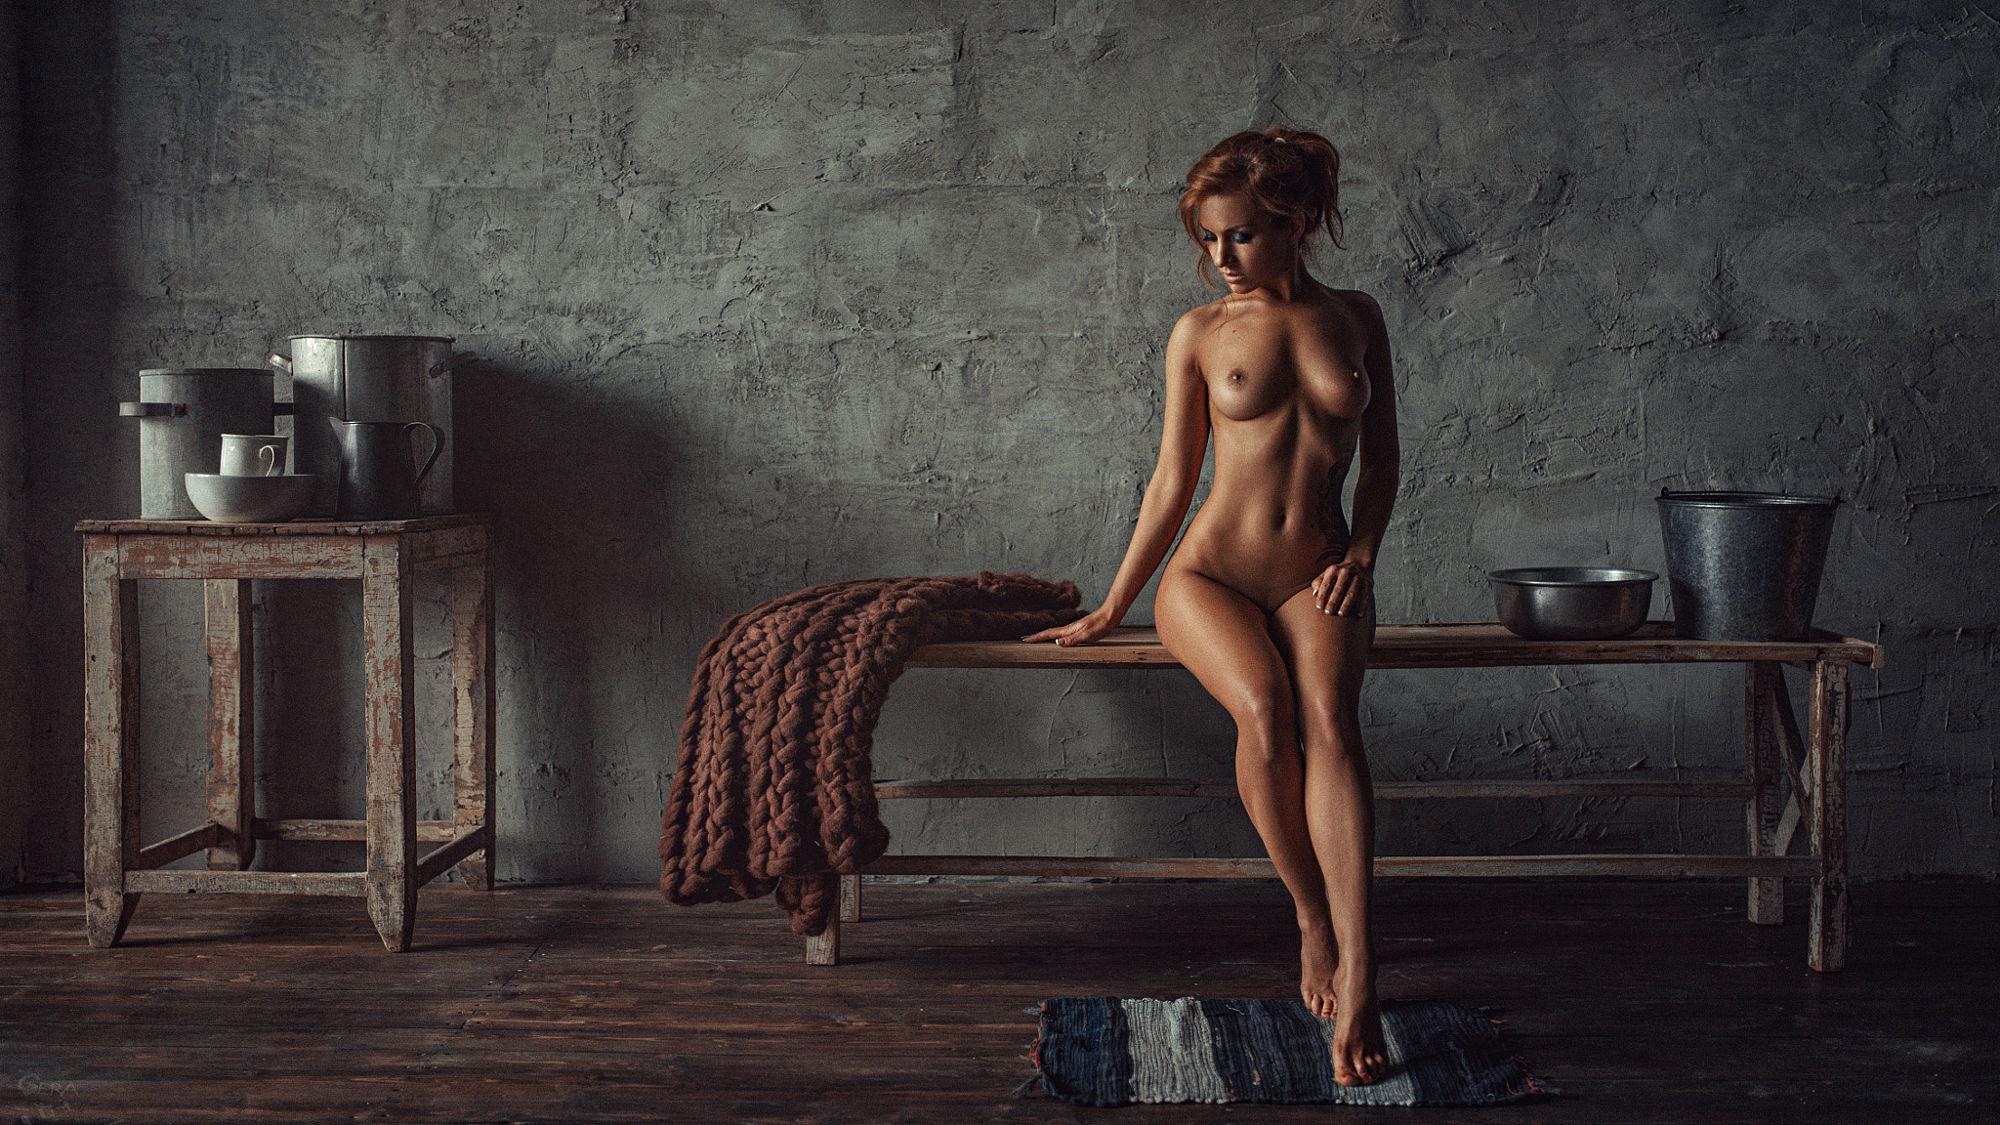 эротические фото гламурных обнажённых женщин-как обои на рабочий стол